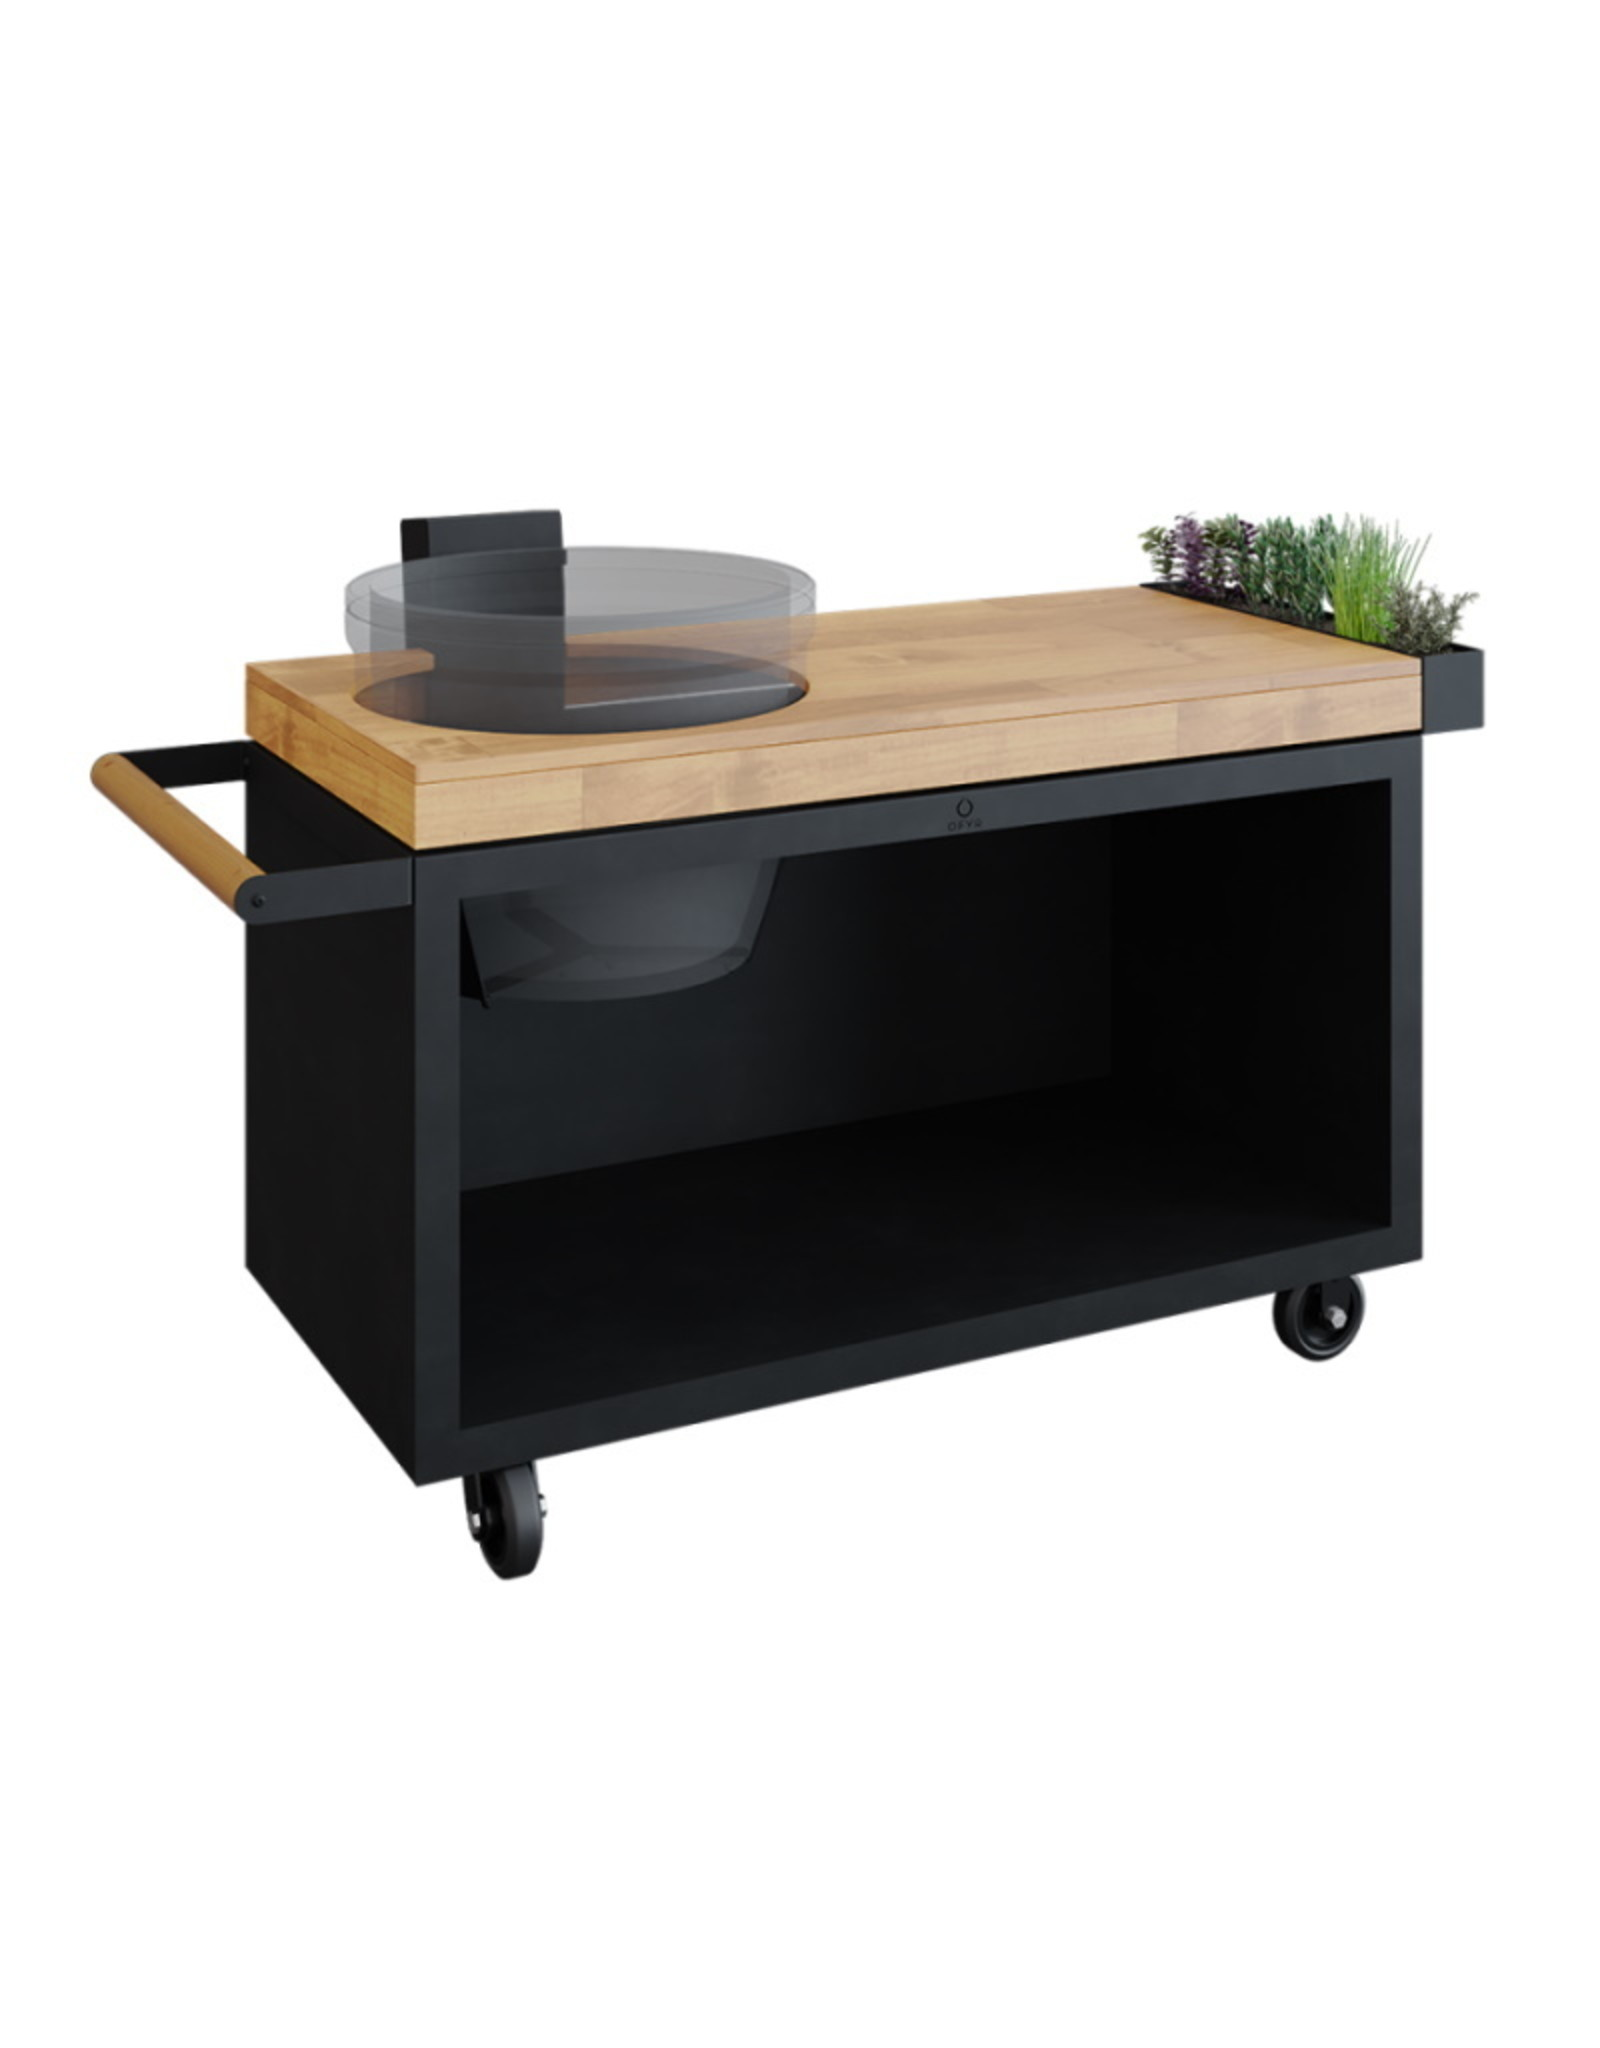 OFYR Kamado Table Black 135 PRO Teak Wood KJ